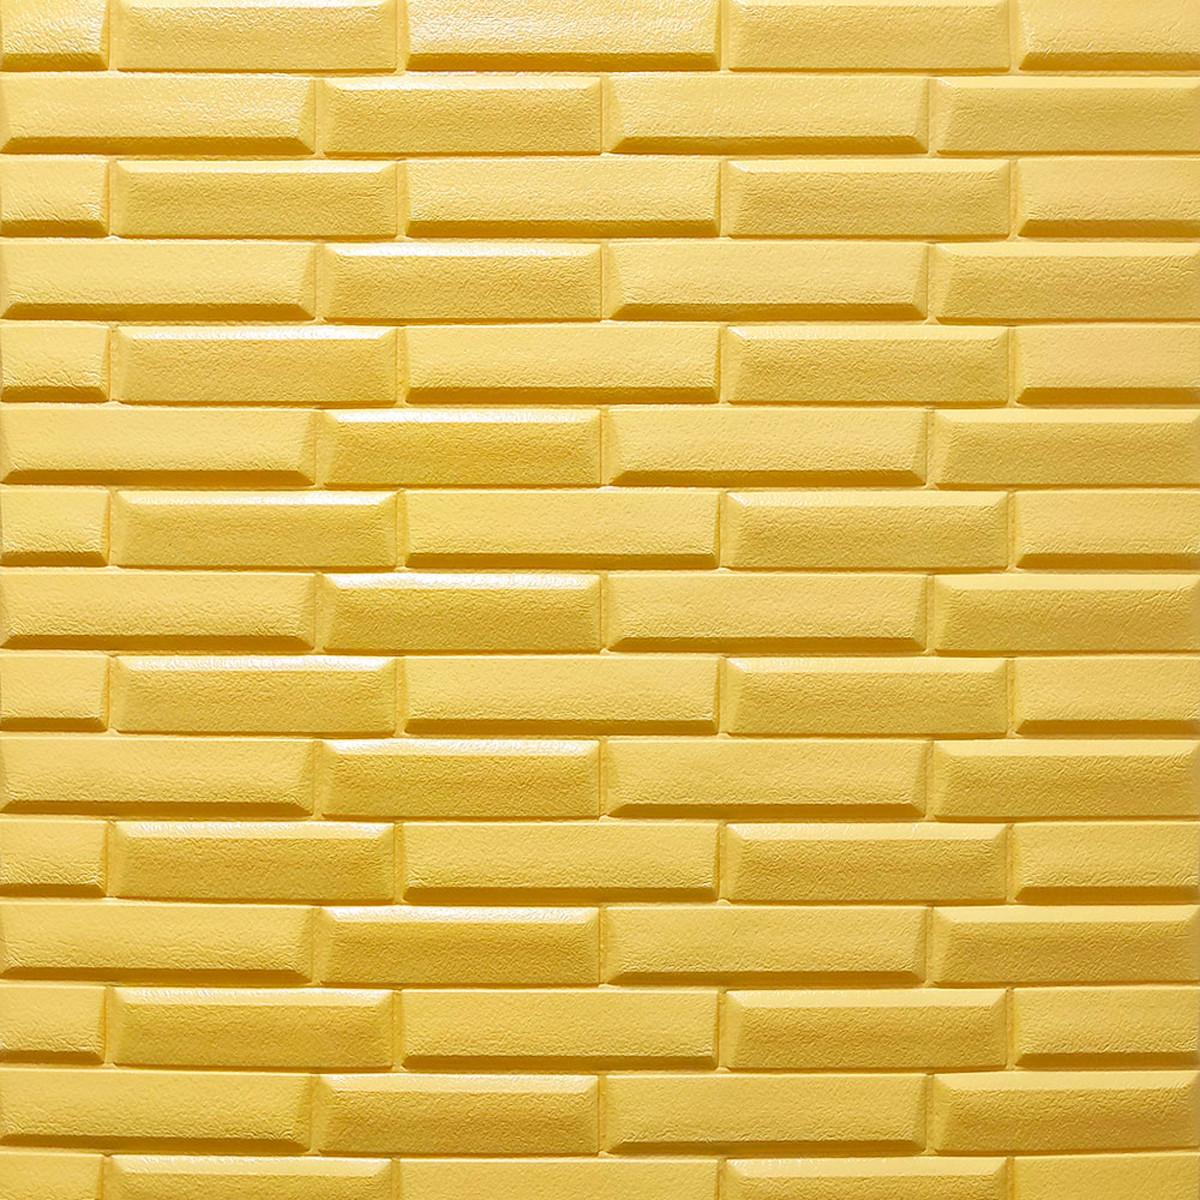 Самоклеюча декоративна 3D панель жовто-пісочна кладка 700х770х7мм